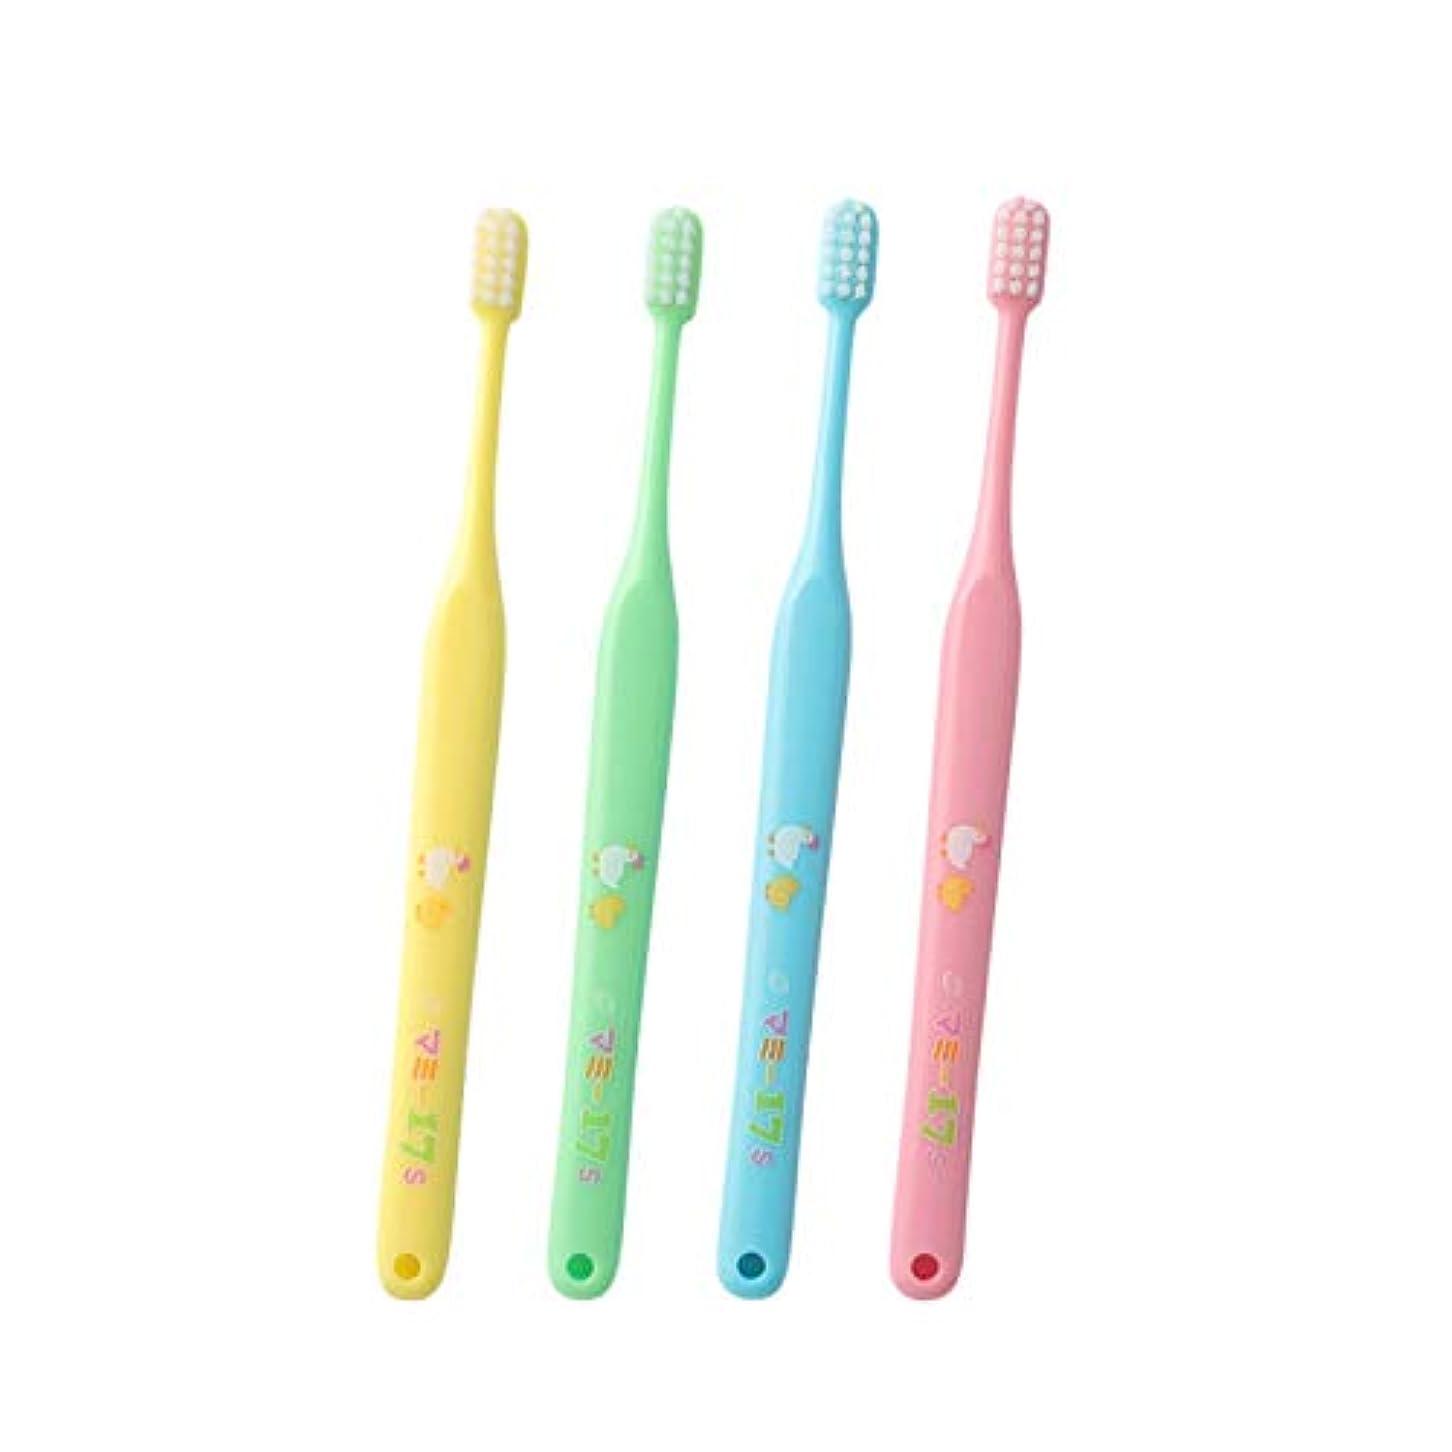 非常に怒っています肥料すずめオーラルケア マミー17 歯ブラシ 25本入 アソート (S)